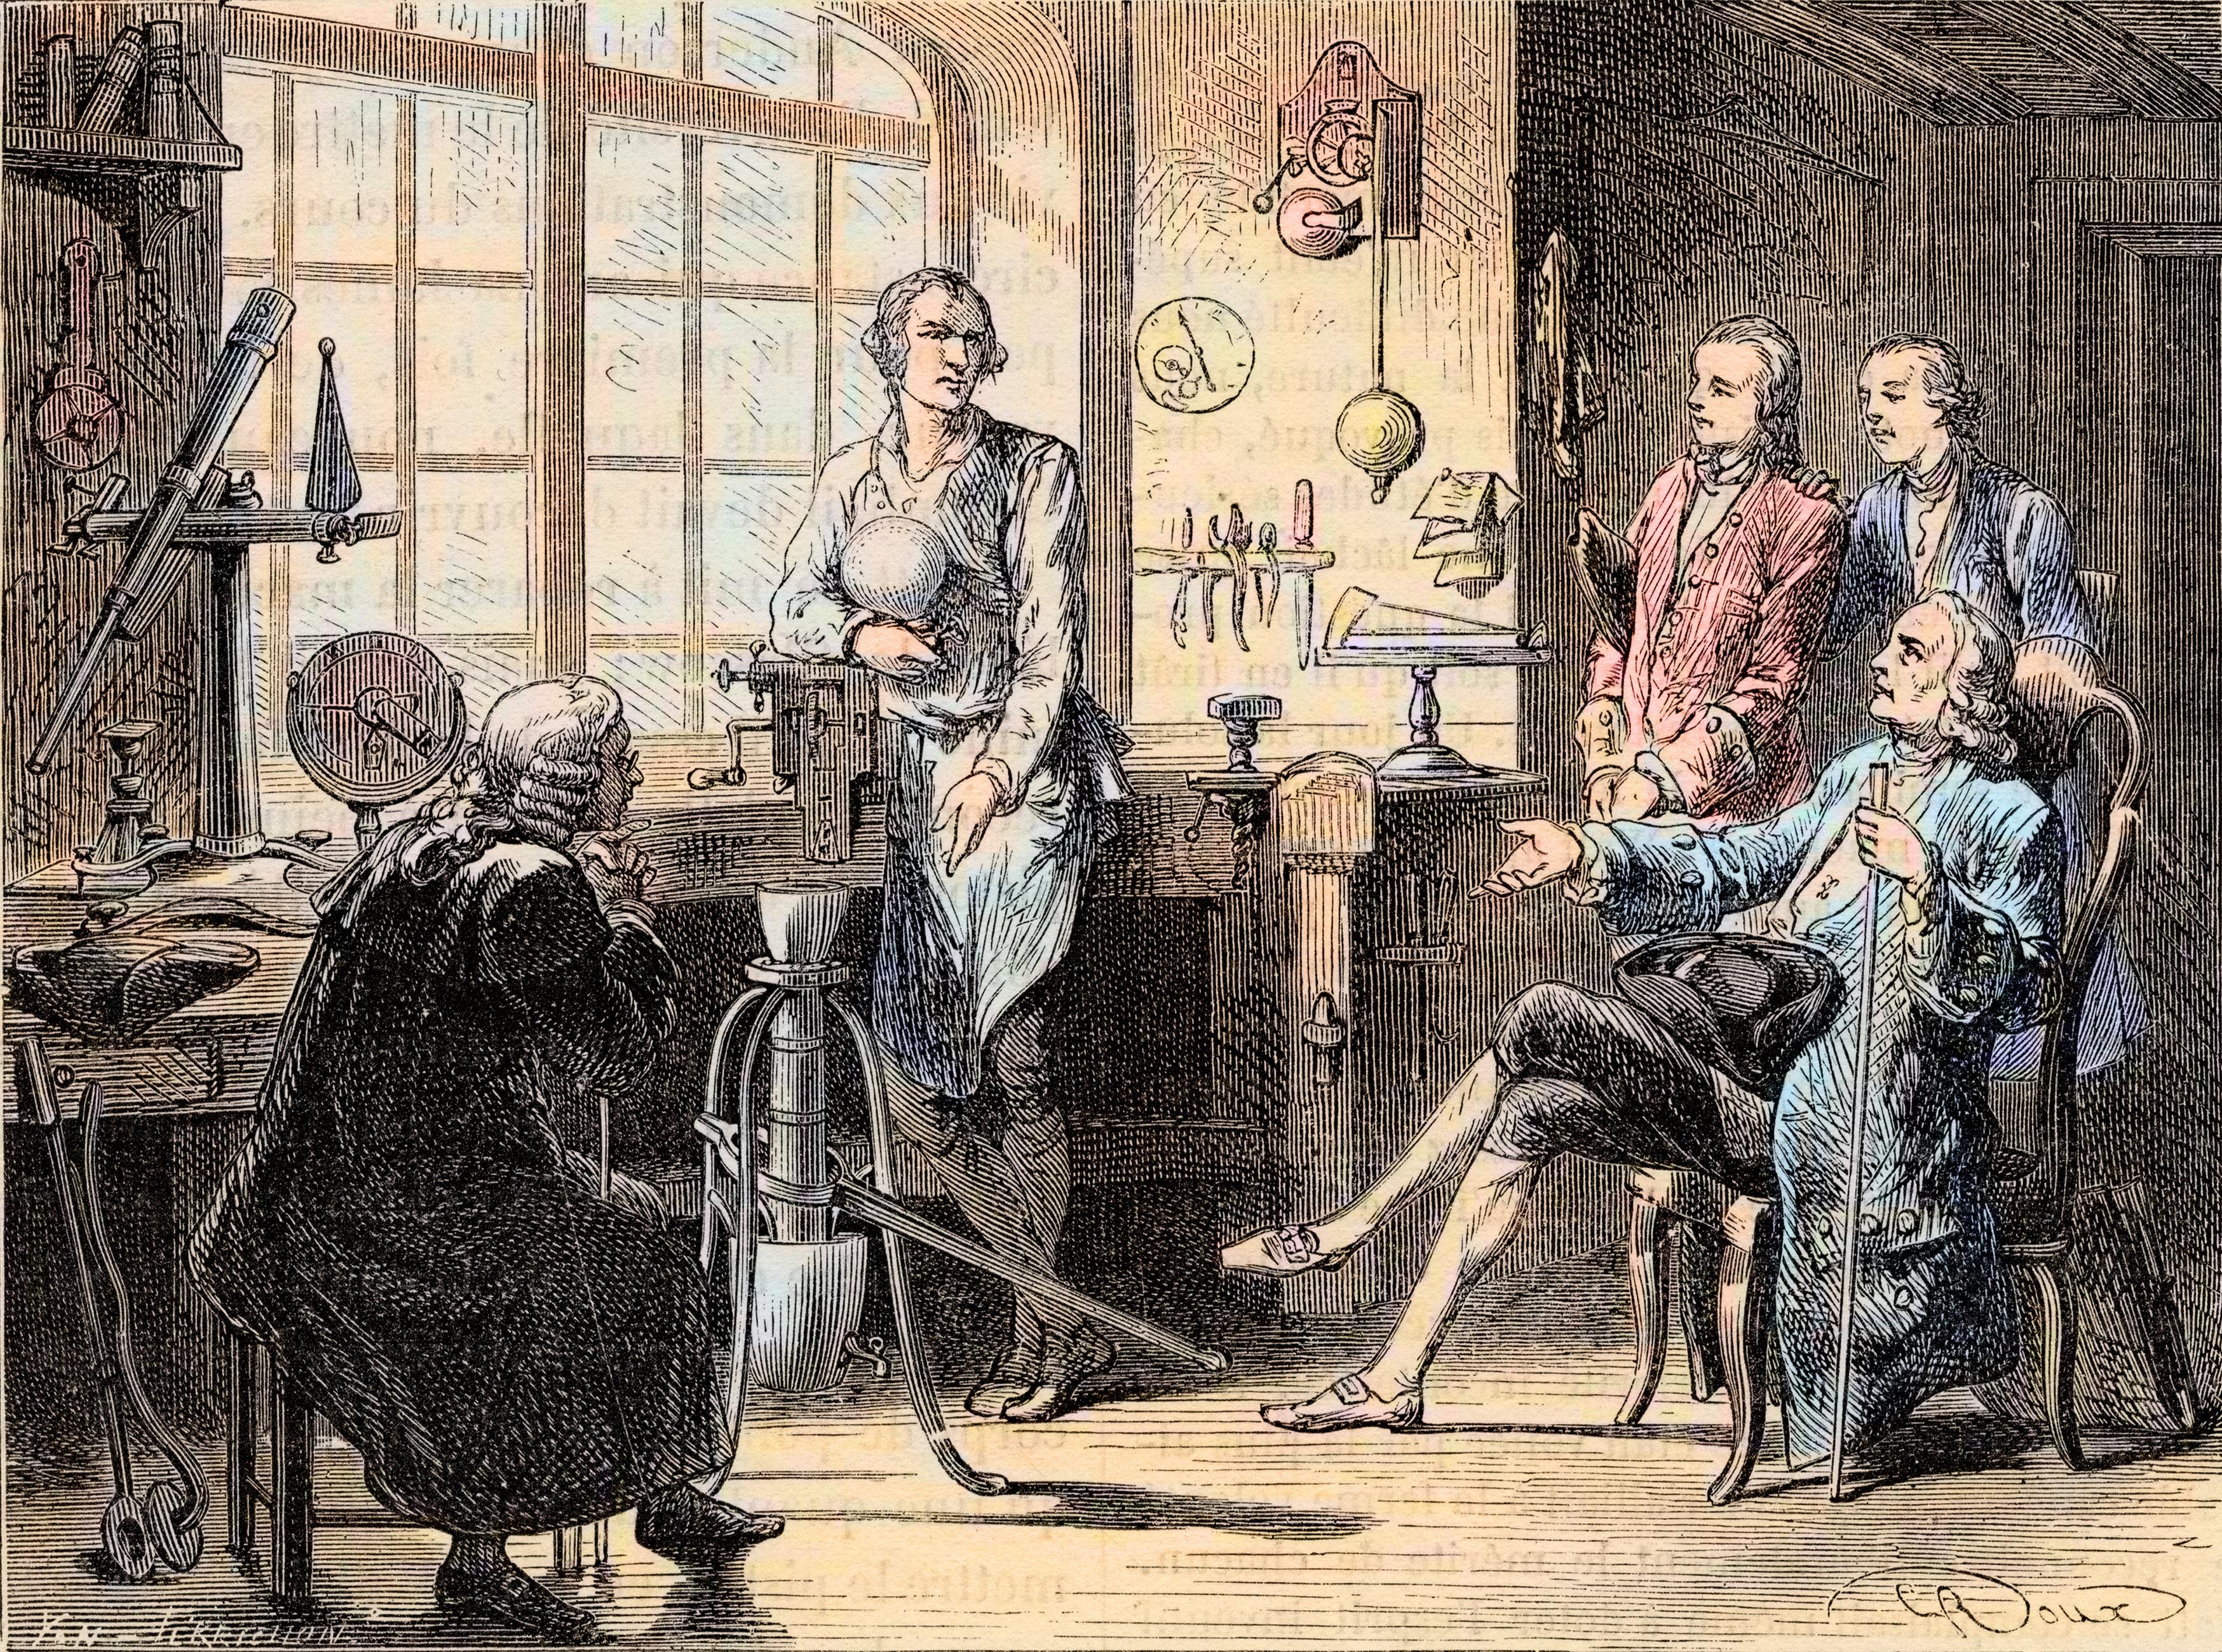 """Joseph Black visiting James Watt in his Glasgow workshop - Le chimiste ecossais Joseph Black rend visite a l'ingenieur James Watt (1736-1819) dans son laboratoire de l'Universite de Glasgow vers 1760. Gravure tiree de """"Les merveilles de la science"""" de Louis Figuier. ©Bianchetti/Leemage"""